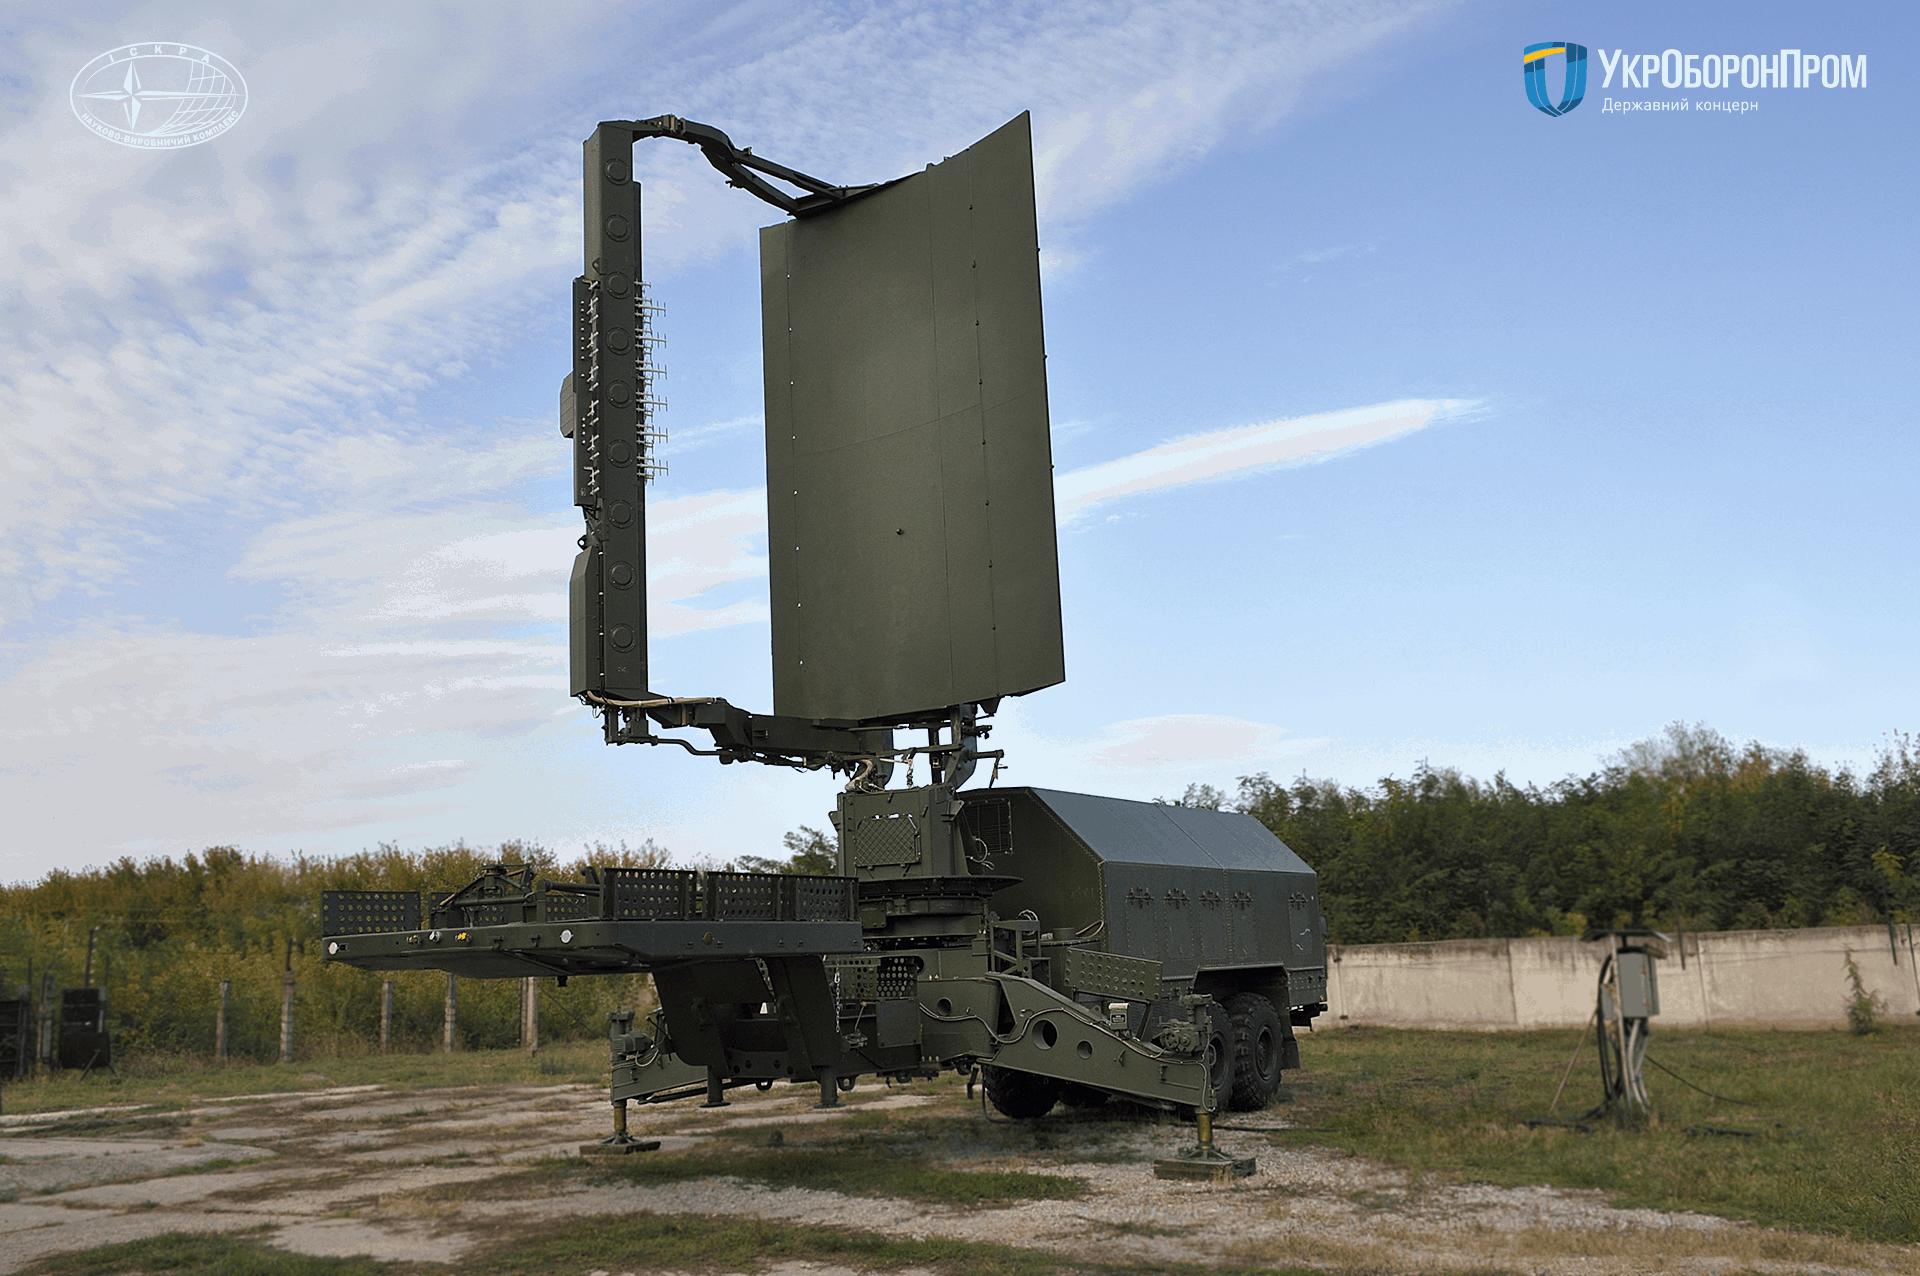 Виготовлена в рамках ДОЗ-2020 РЛС 35Д6М